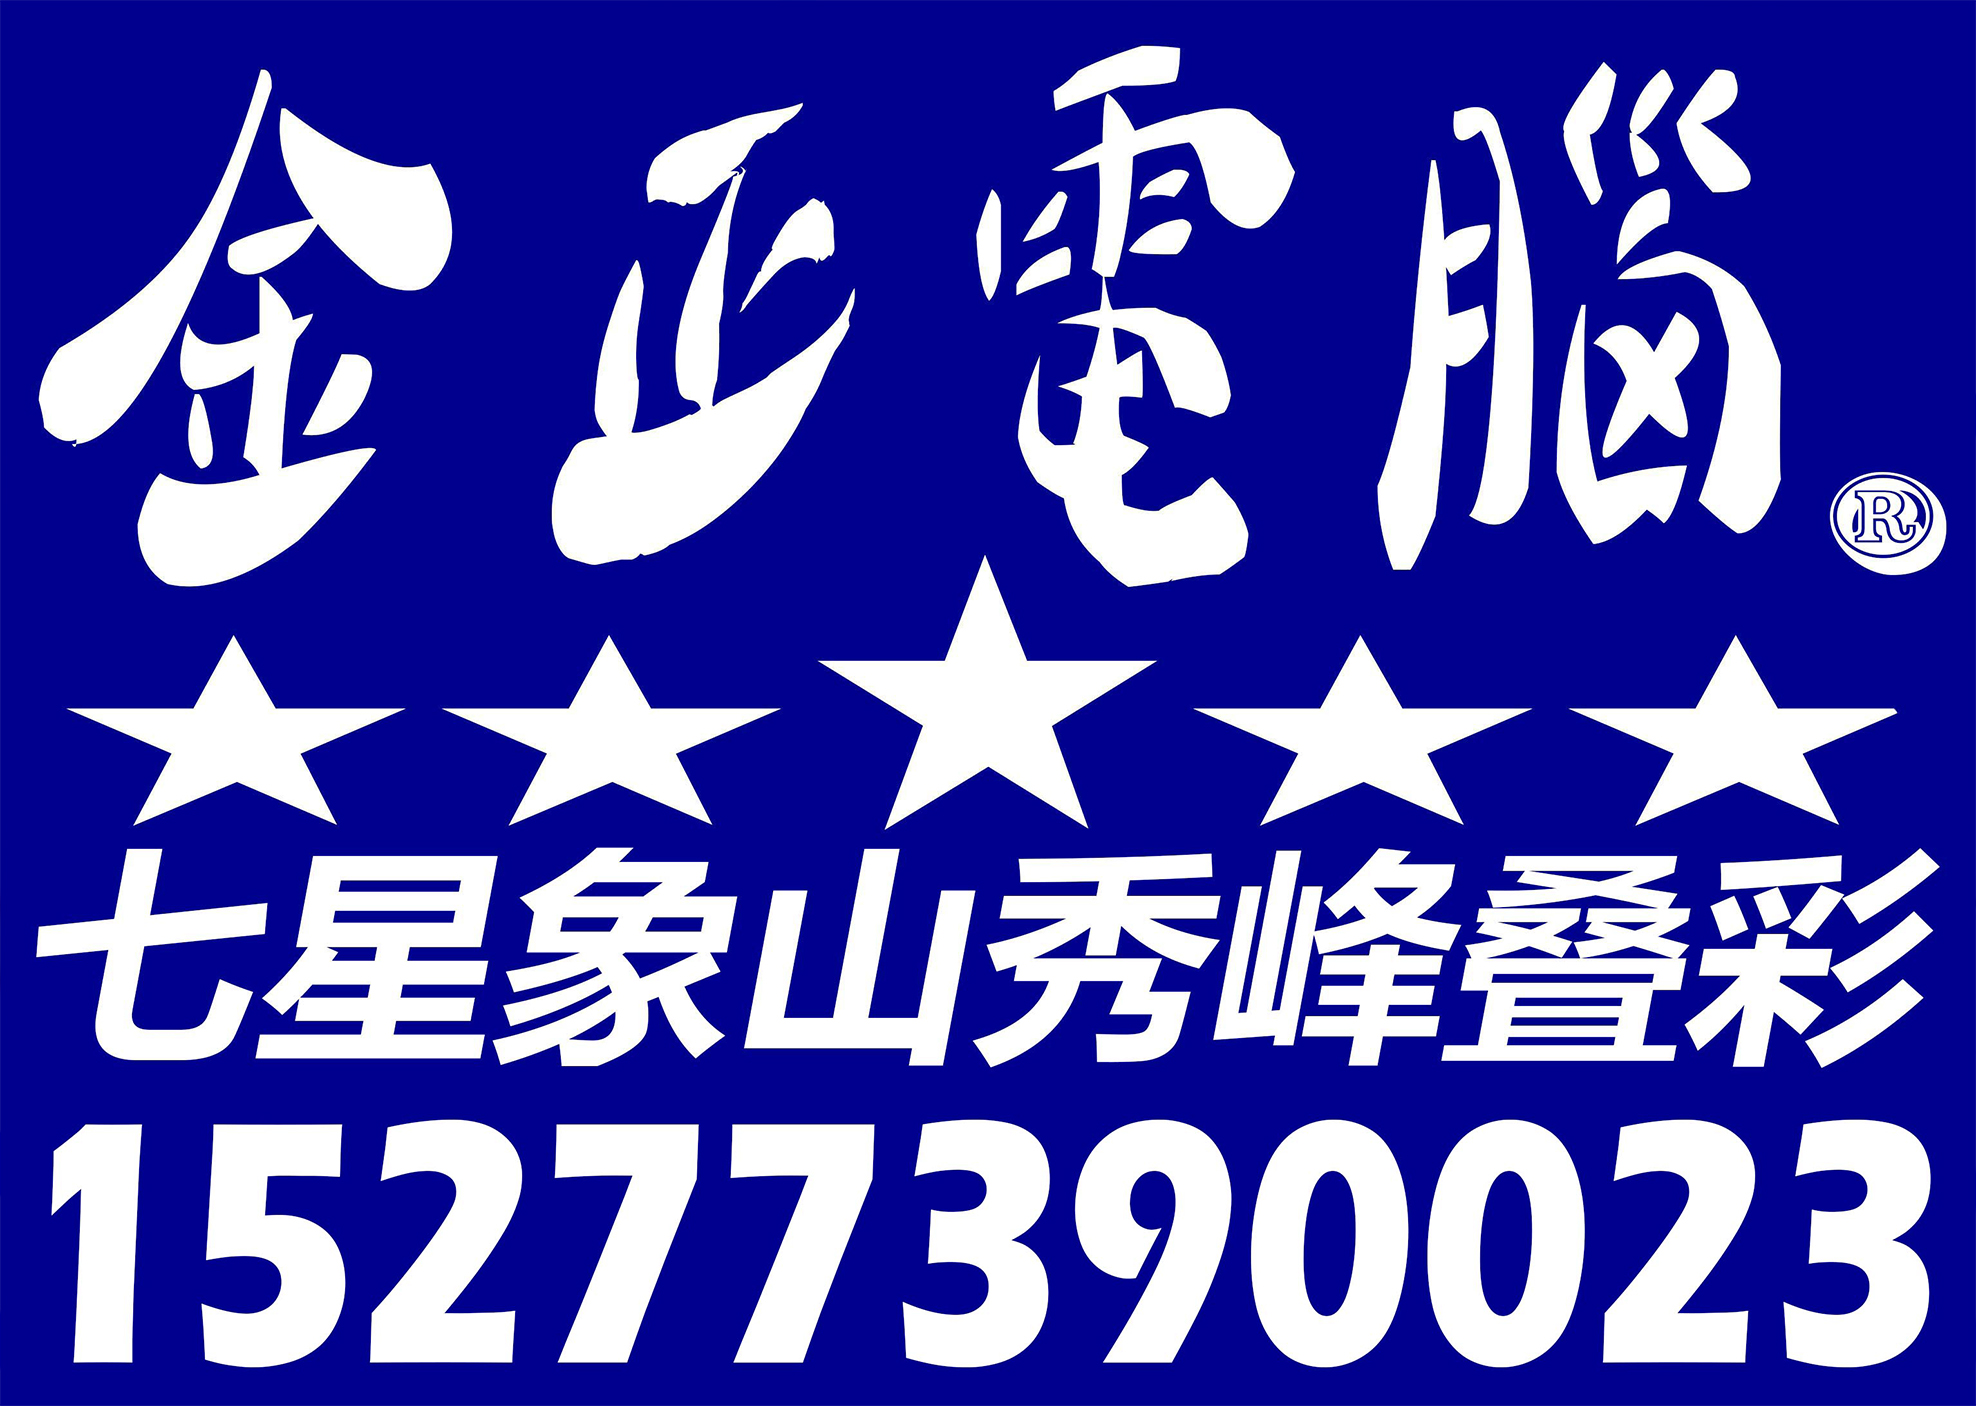 15277390023上门修电脑【30元起价服务】极速、专业、安全、靠谱!